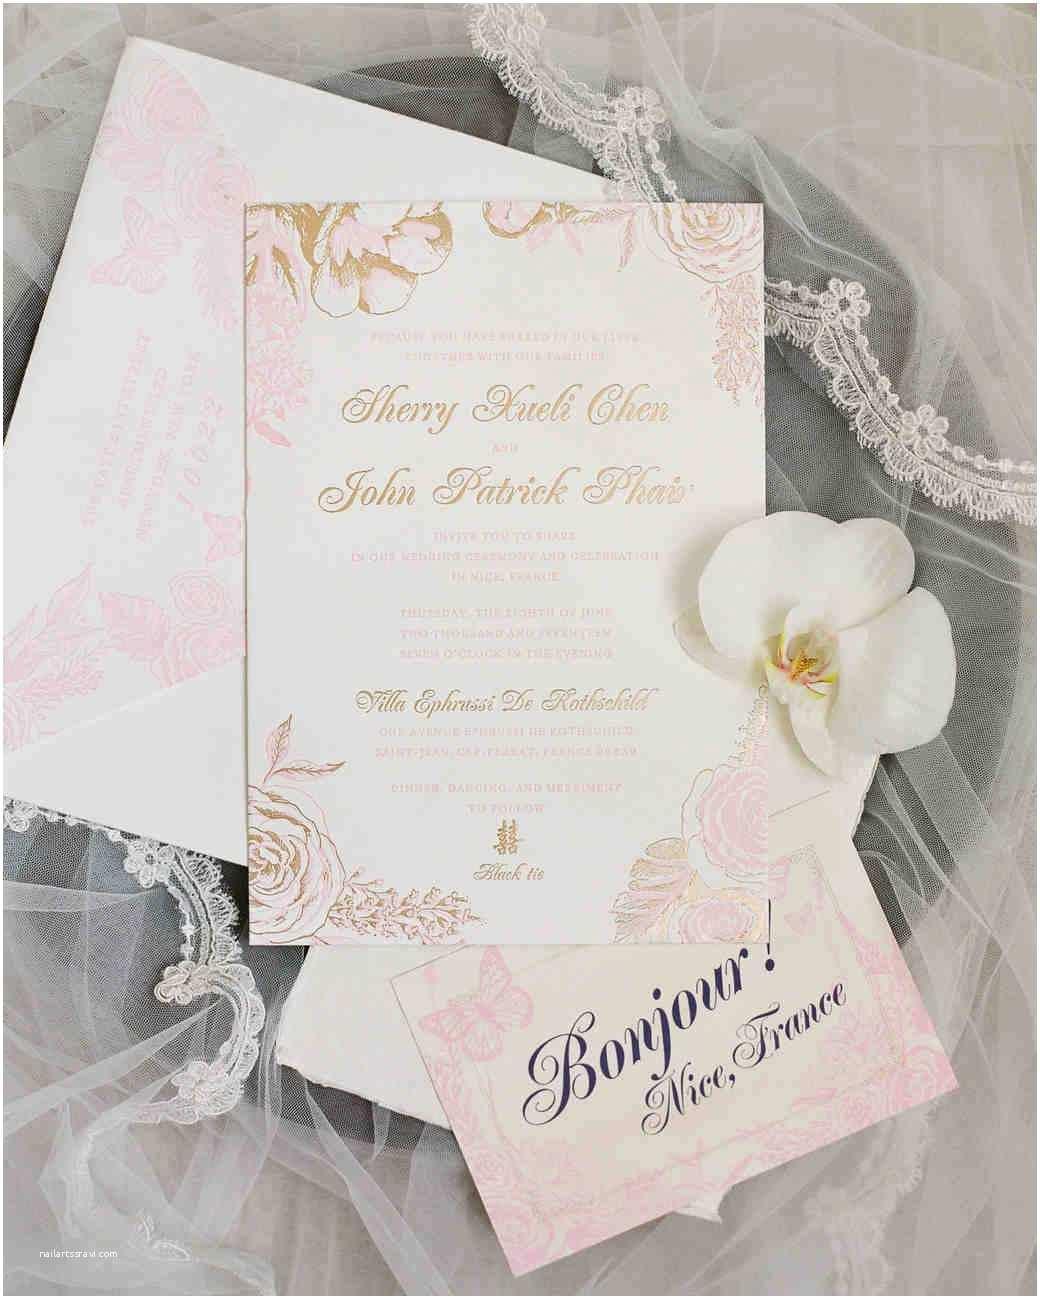 Spring Wedding Invitations the Freshest Spring Wedding Invitations